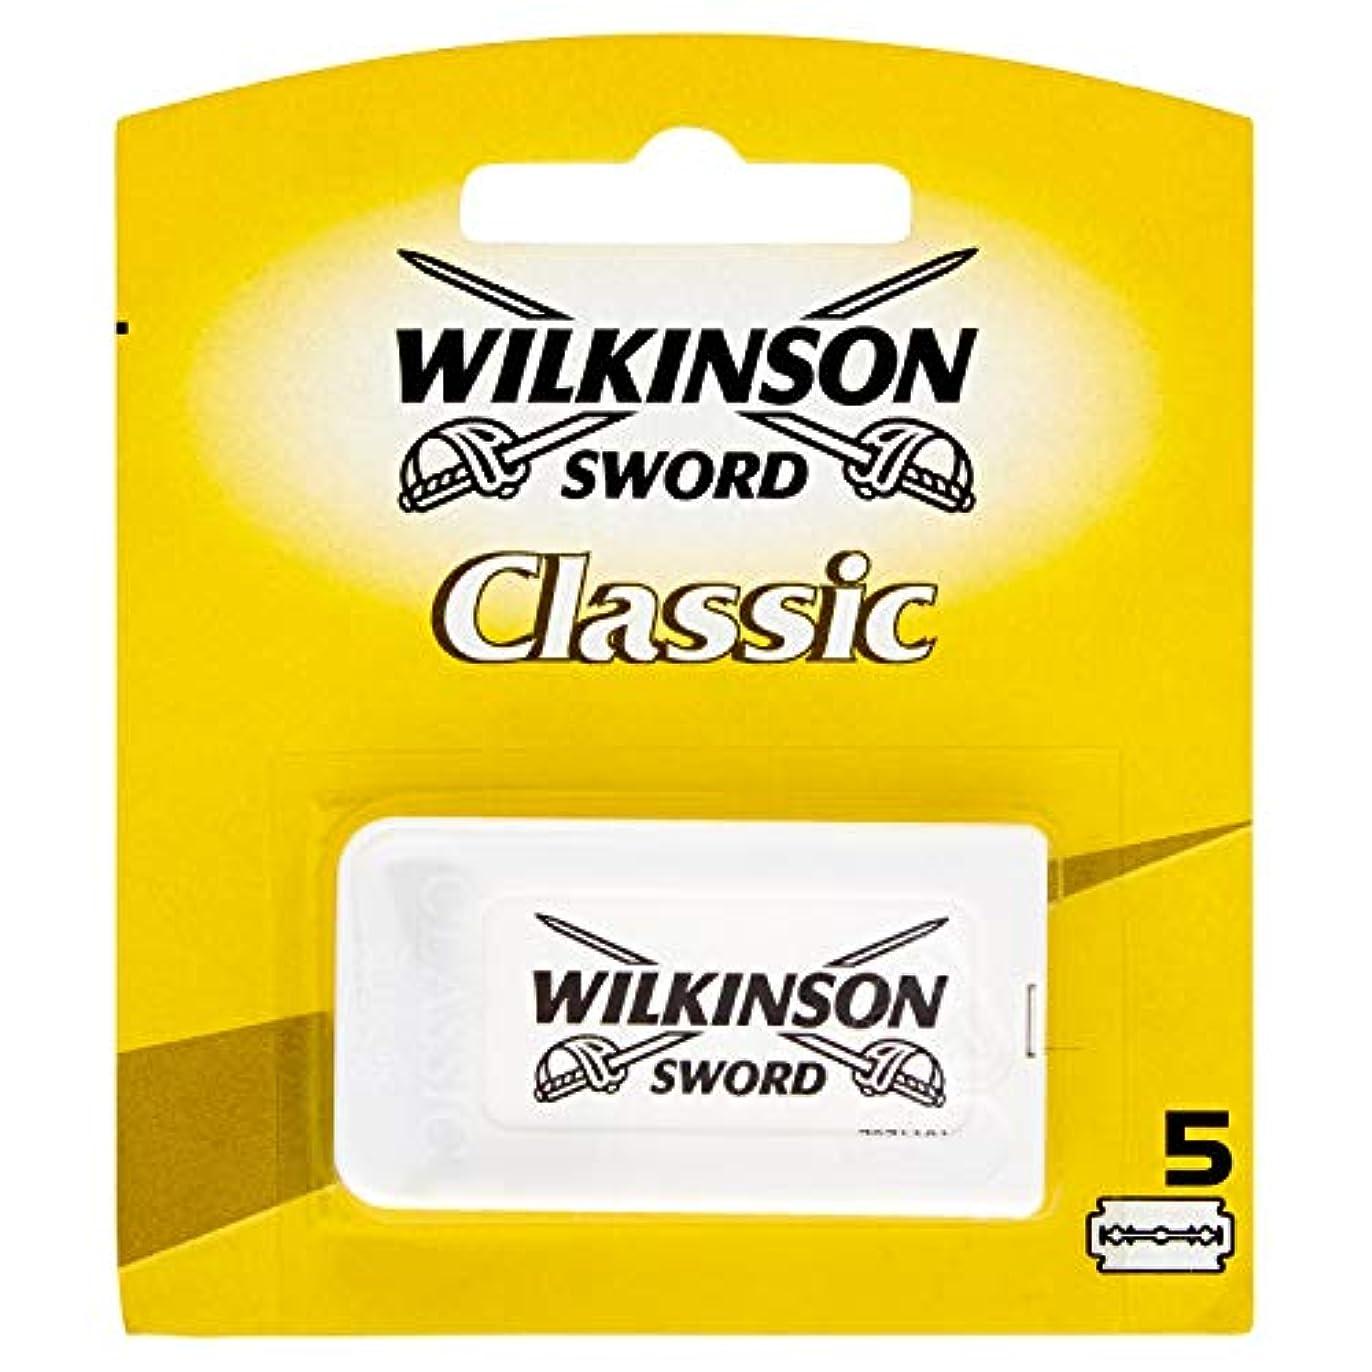 パドル墓バーターWilkinson Sword(ウィルキンソンソード) Classic 両刃替刃 5個入り [並行輸入品]